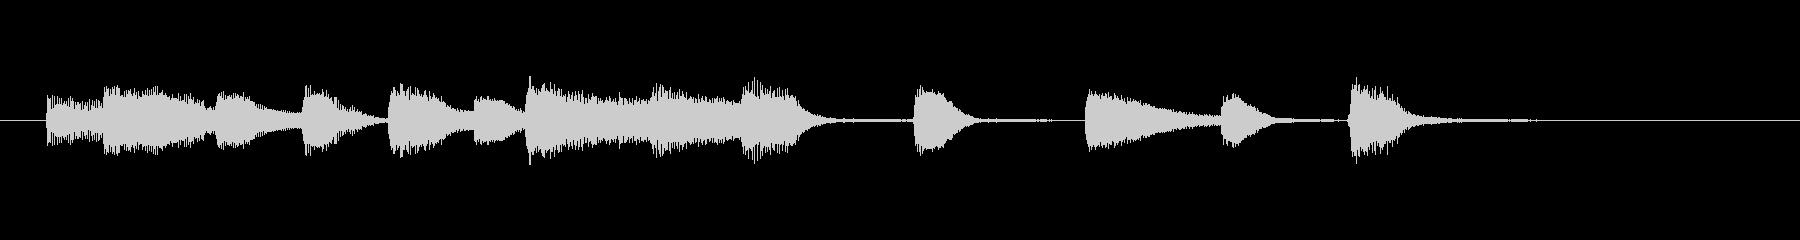 明るいジャズのピアノソロジングルの未再生の波形